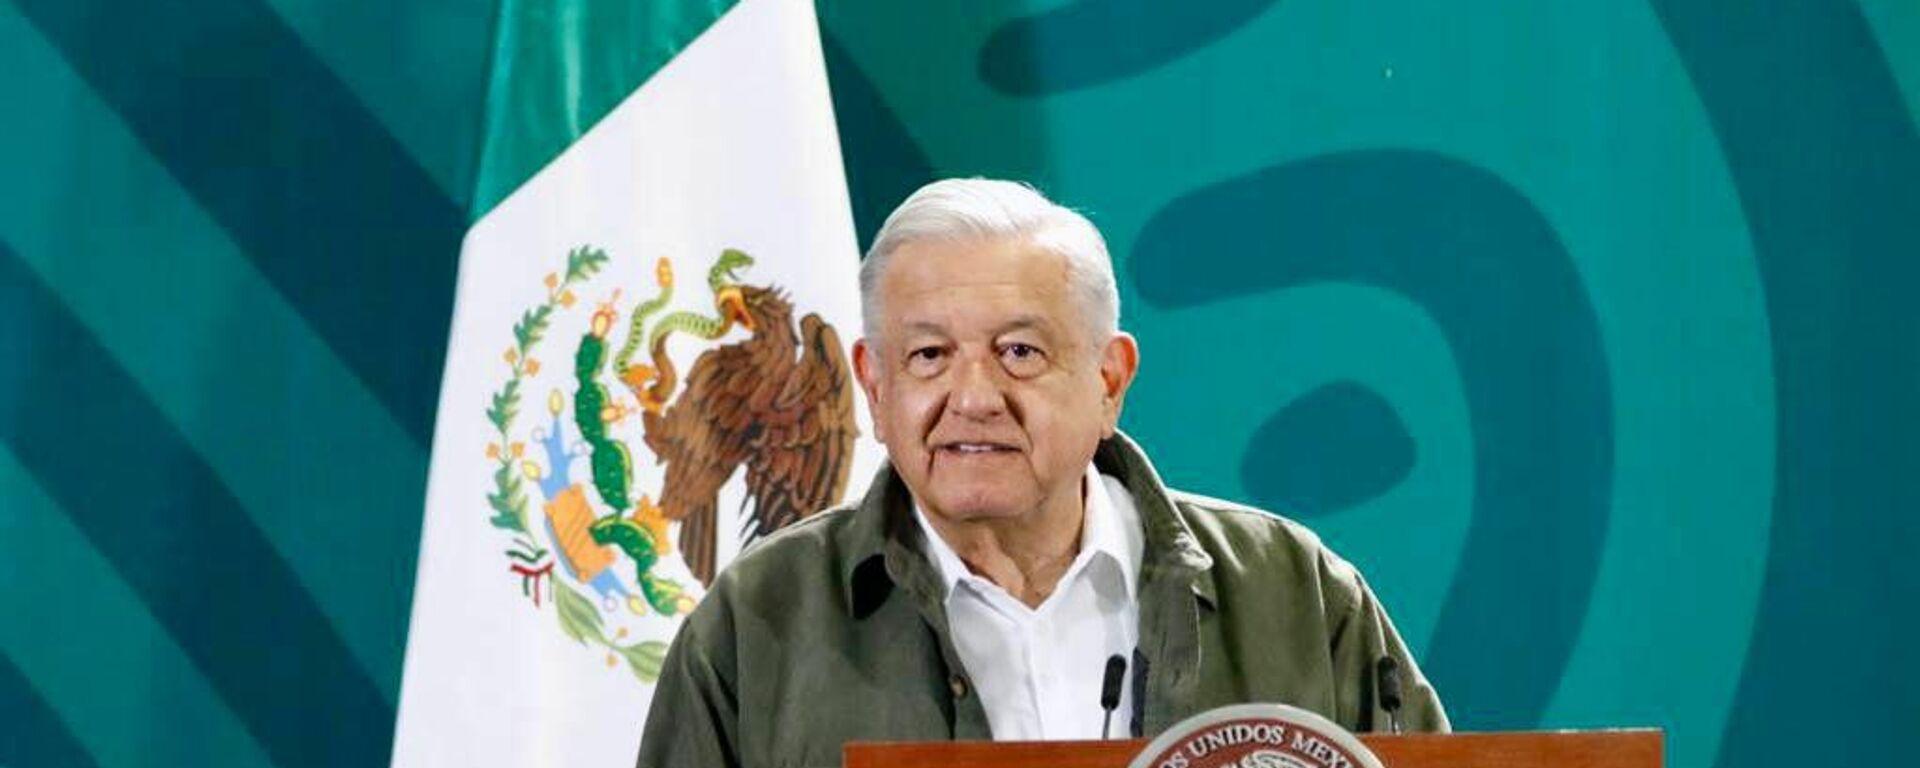 Andrés Manuel López Obrador, presidente de México - Sputnik Mundo, 1920, 01.10.2021